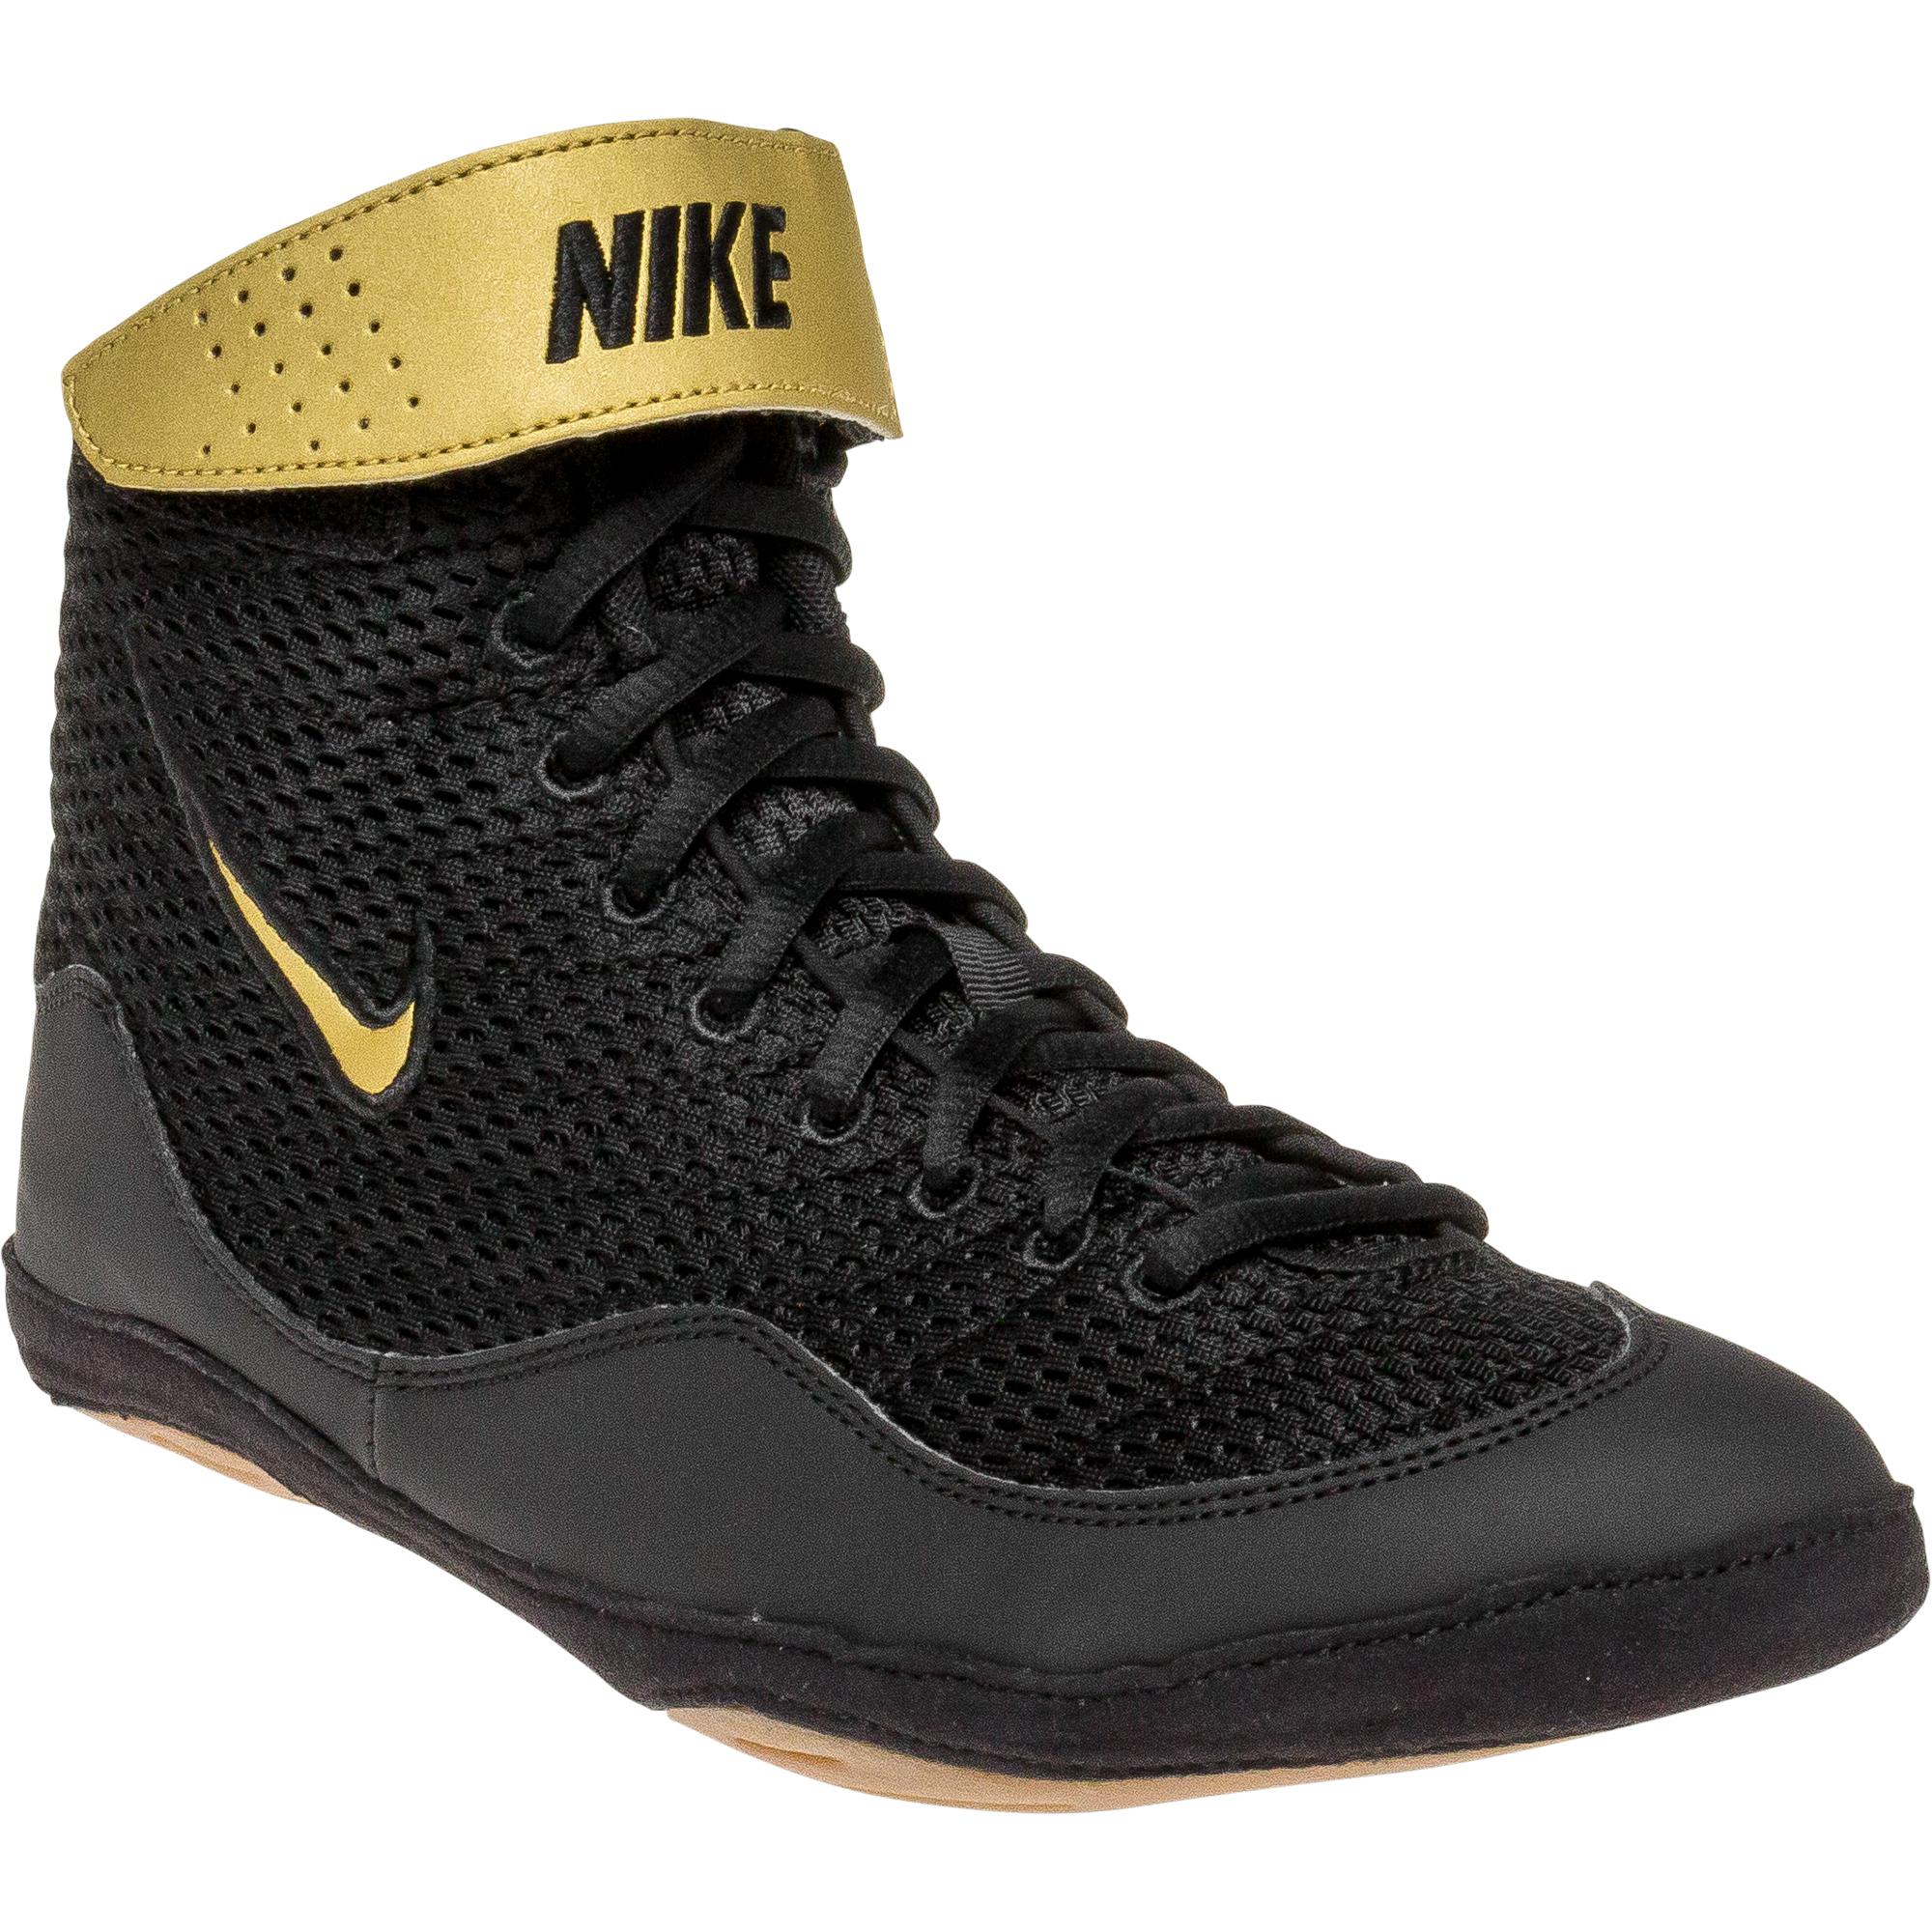 Nike Inflict 3 | WrestlingGear